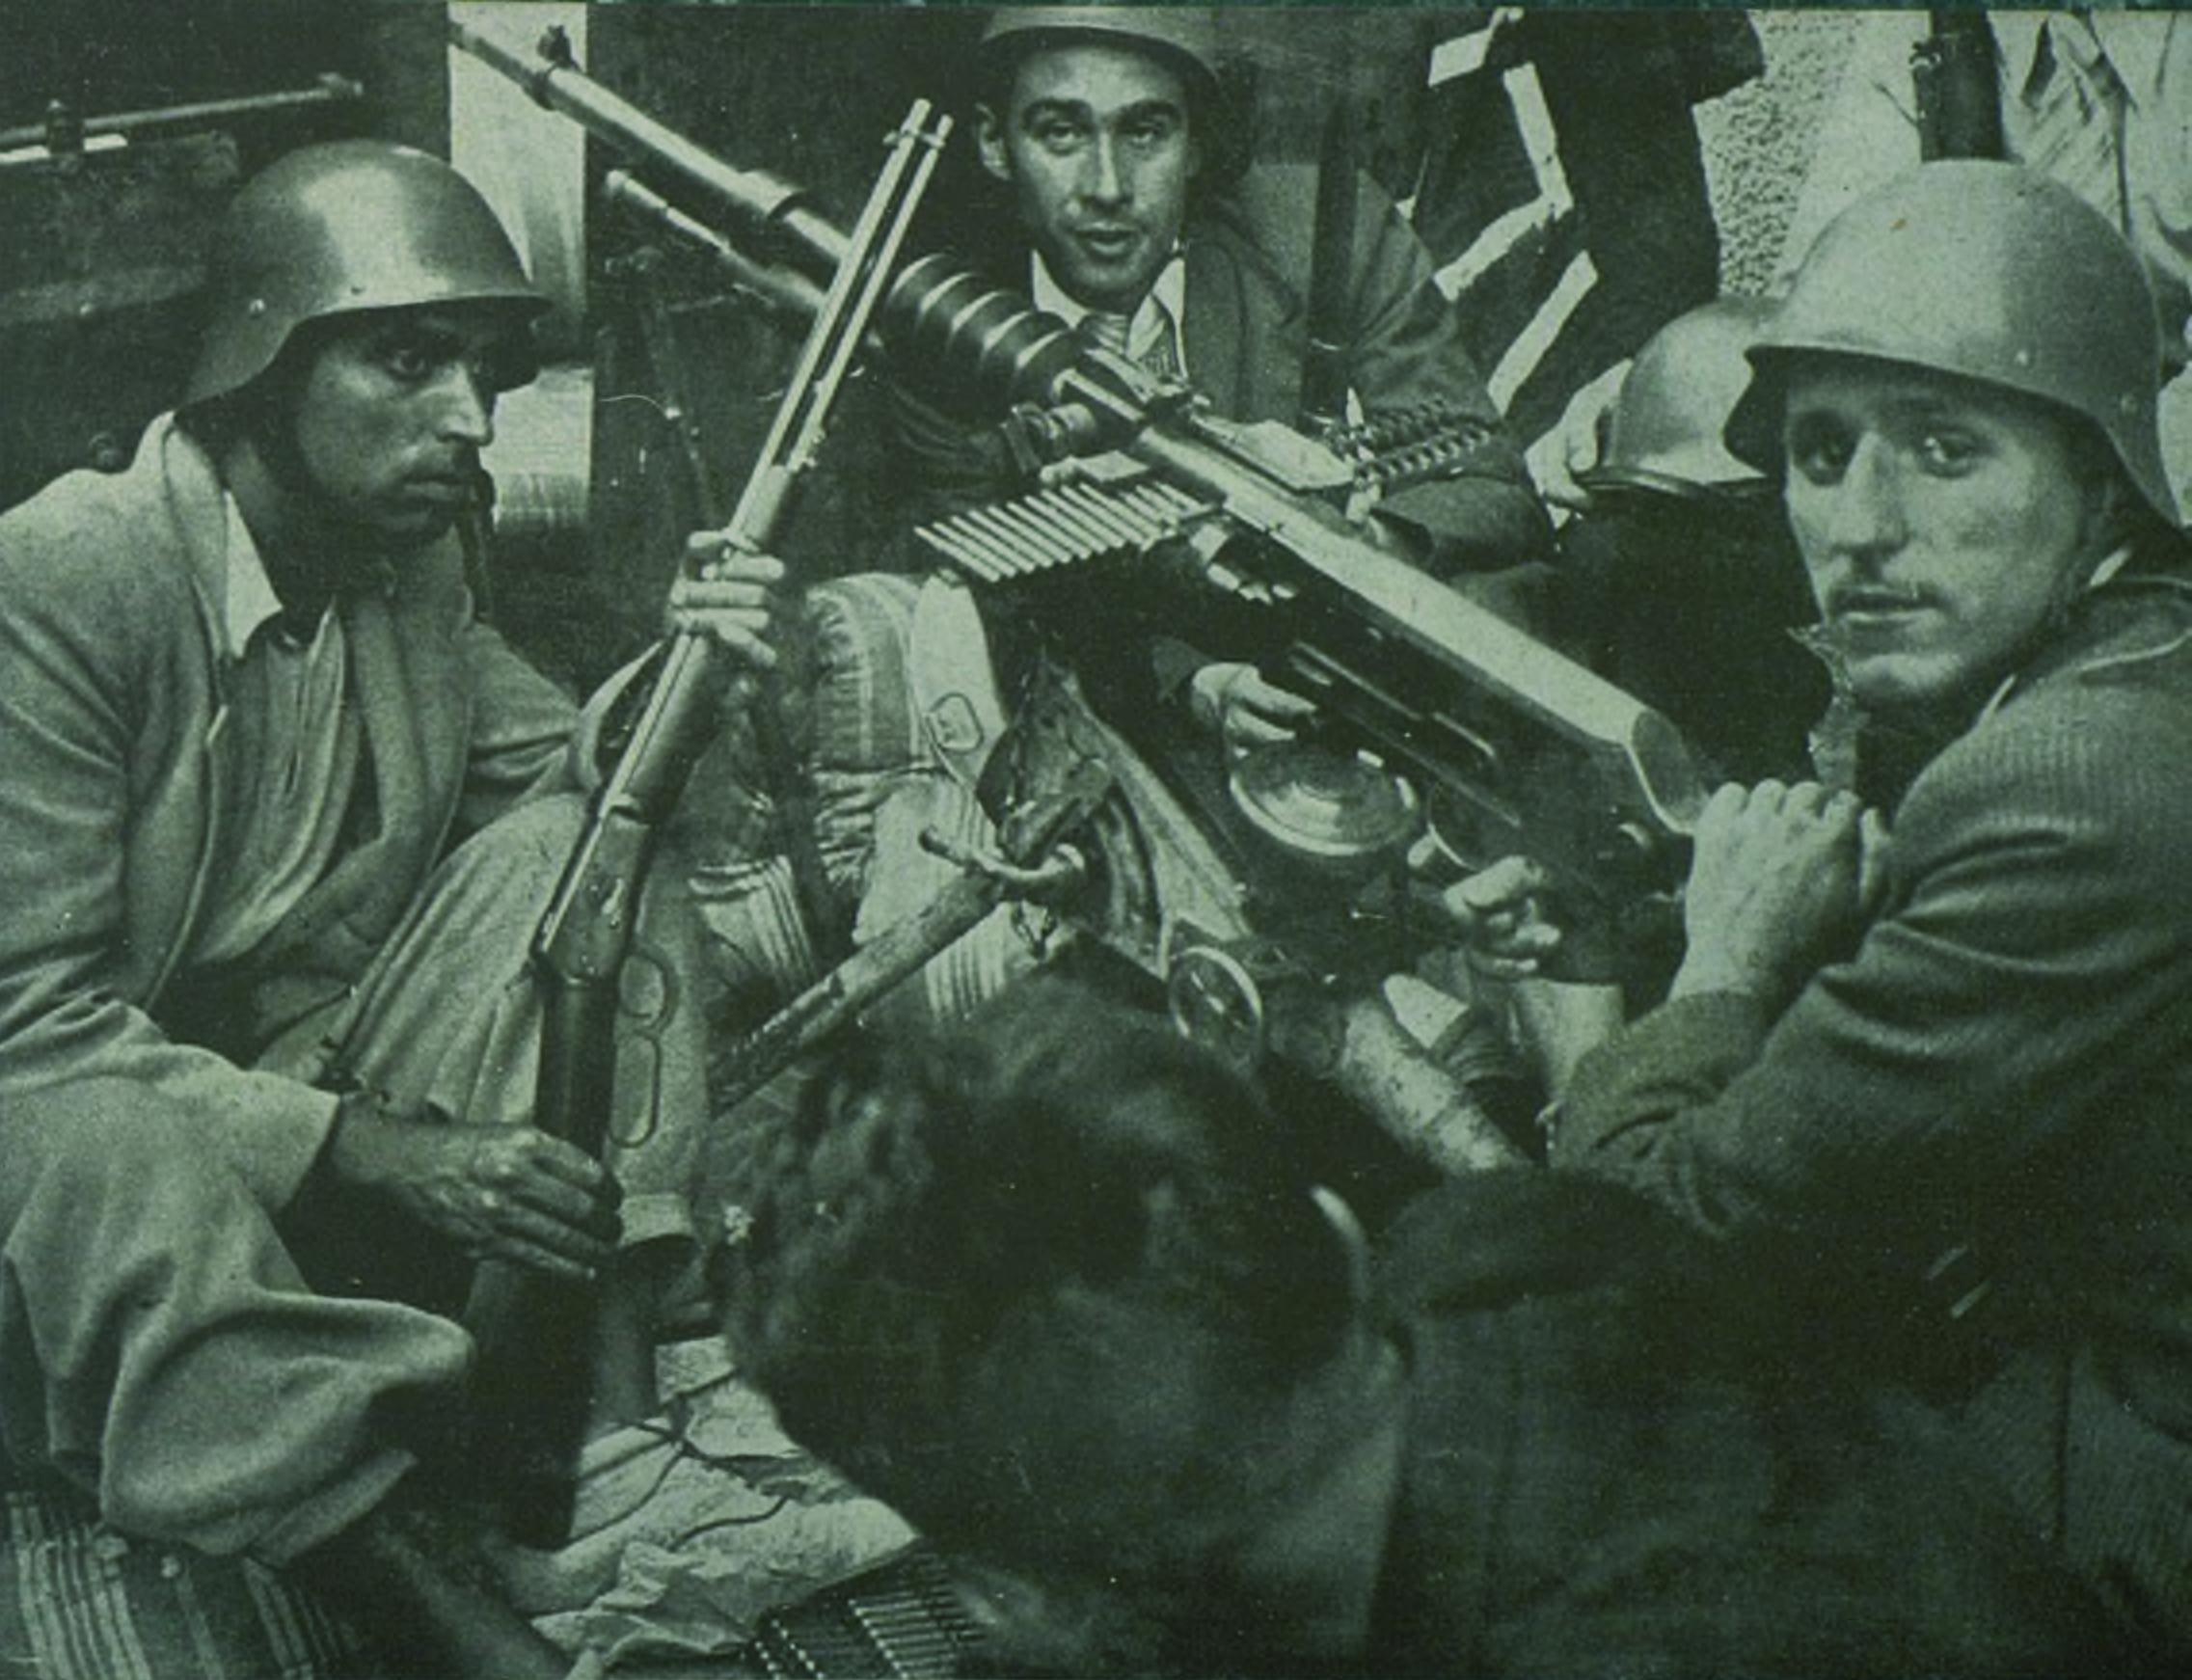 Helios Gómez, a la izquierda de la imagen, en la lucha contra el fascismo ( Visions de guerra i de reraguarda . Serie A, Retrospectiva. 24 de abril de 1937)